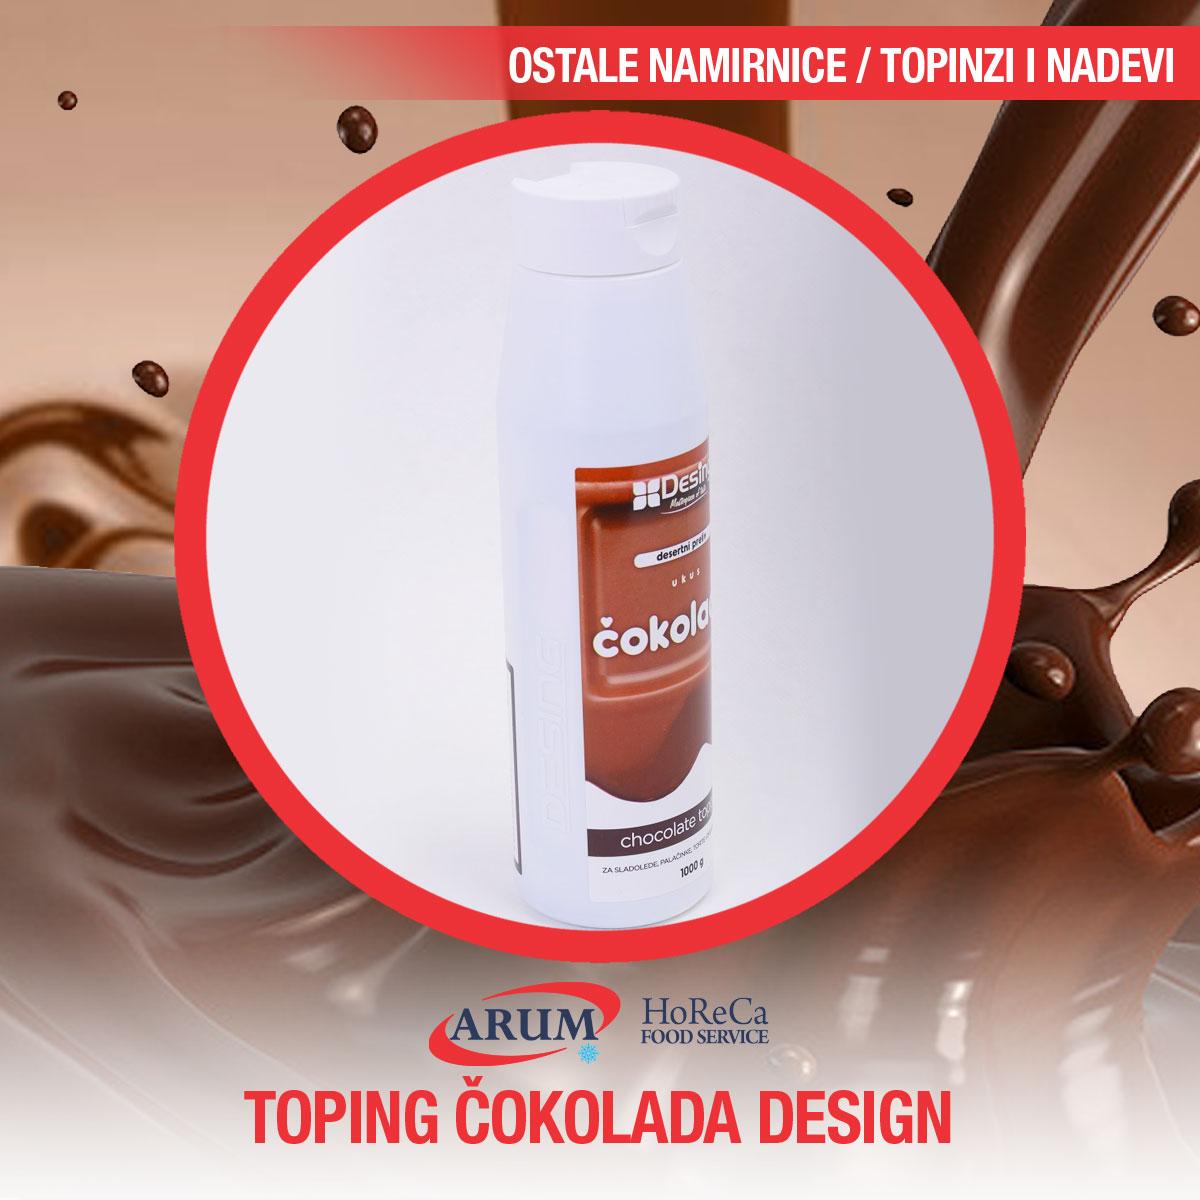 Toping cokolada 1kg desing